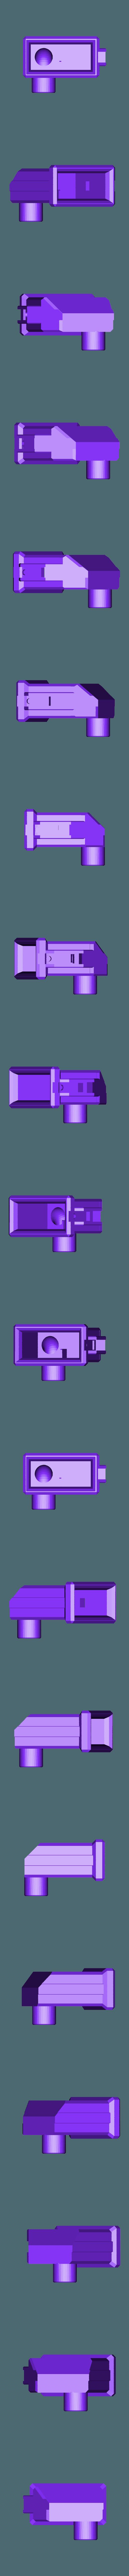 DMAG_MAGWELL_L_v2_shorter.stl Télécharger fichier STL gratuit MCS DMAG / HELIX Adaptateur universel de magazine GAUCHE • Objet à imprimer en 3D, UntangleART